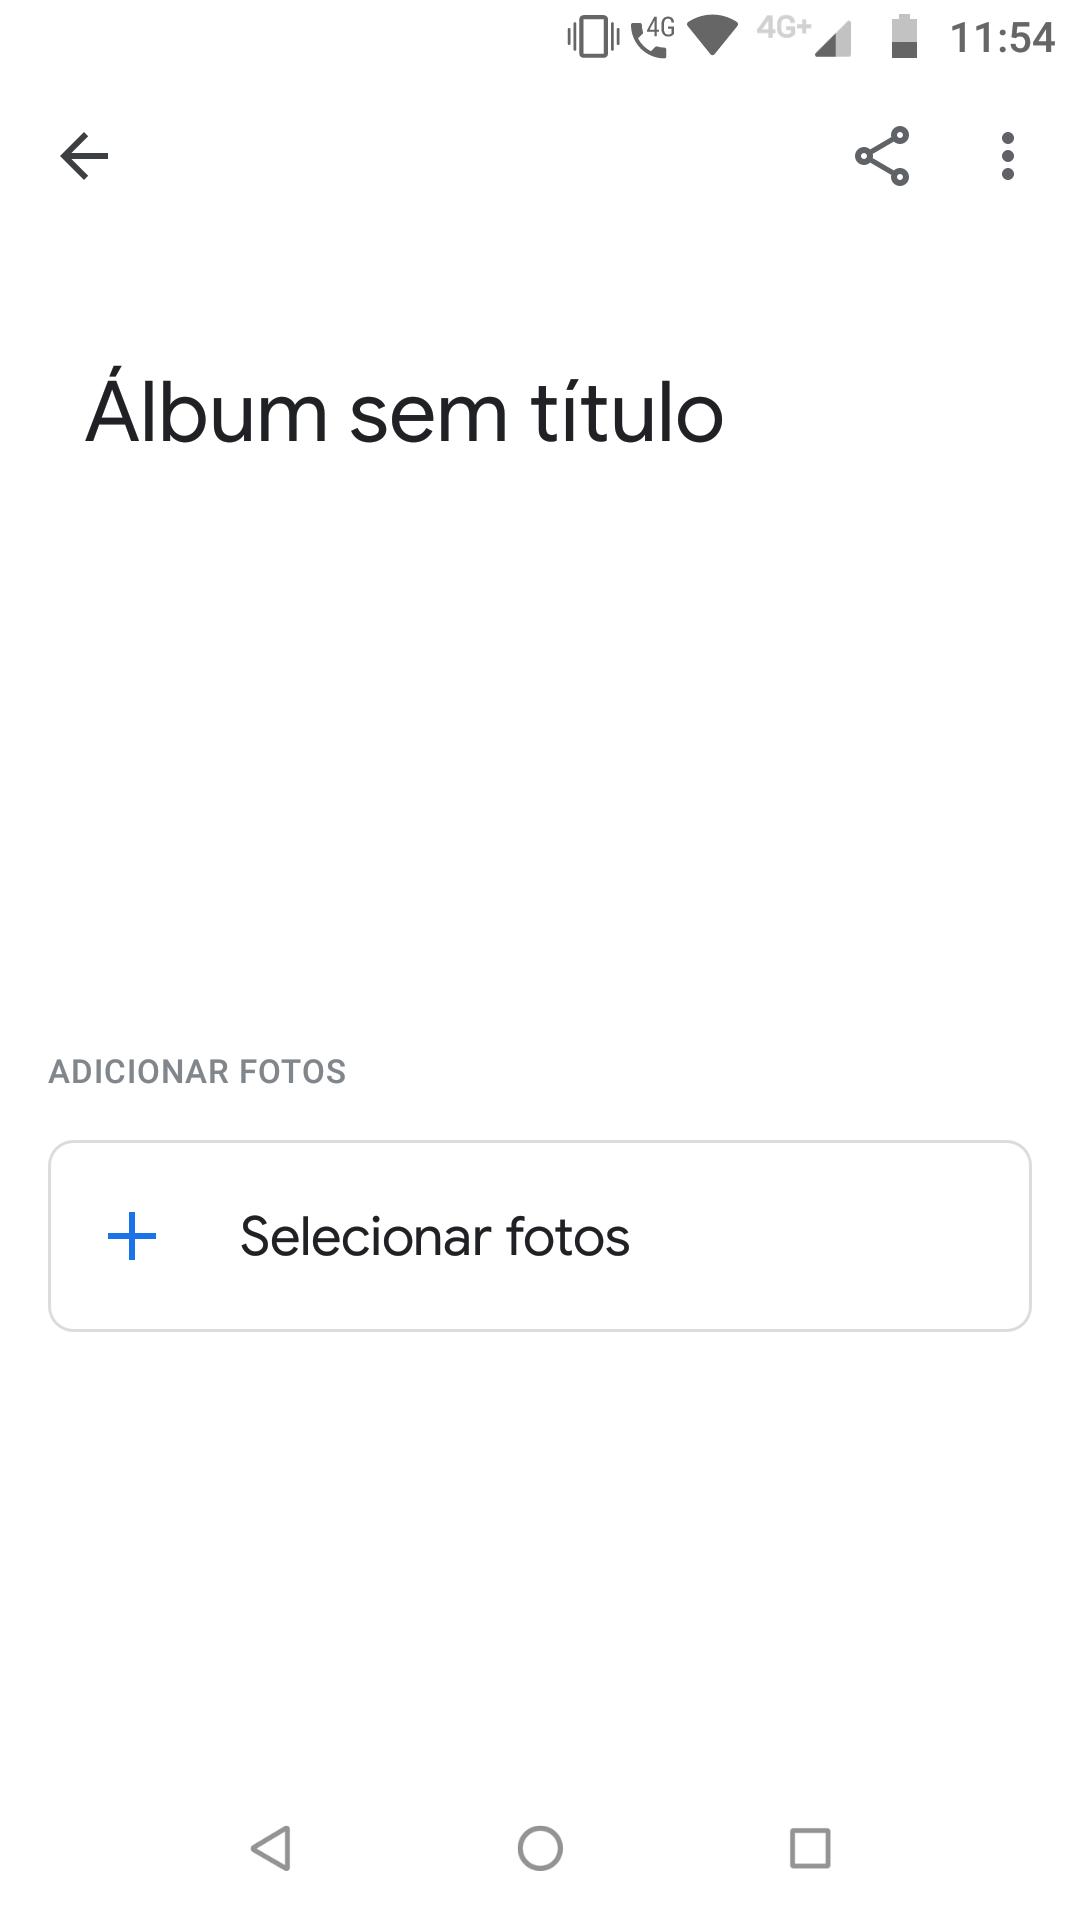 Google Fotos_imagem do processo de criação de álbuns no Google Fotos com a escolha do nome do álbum